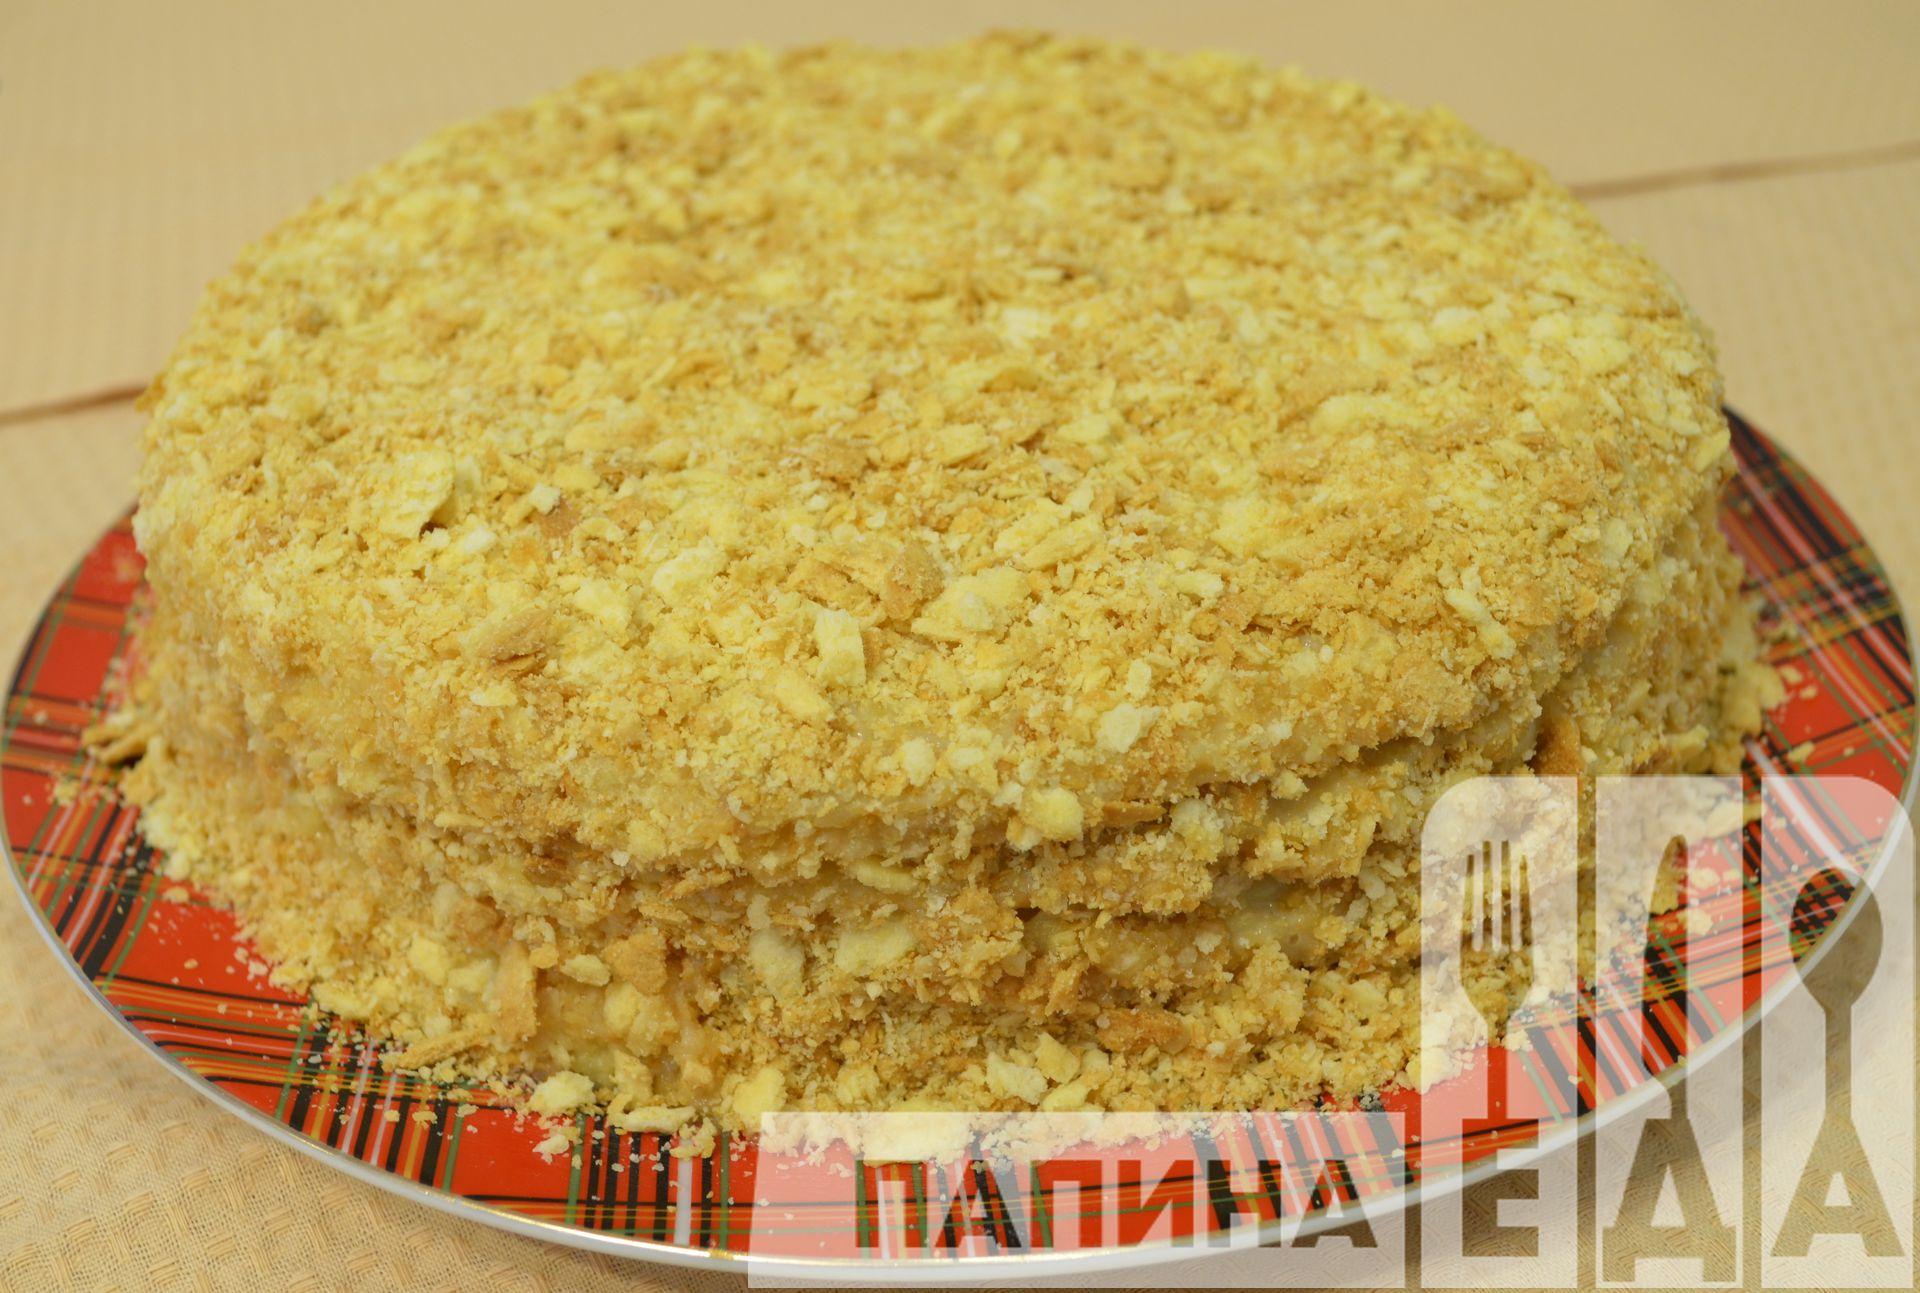 Как испечь торт наполеон в домашних условиях пошаговый рецепт